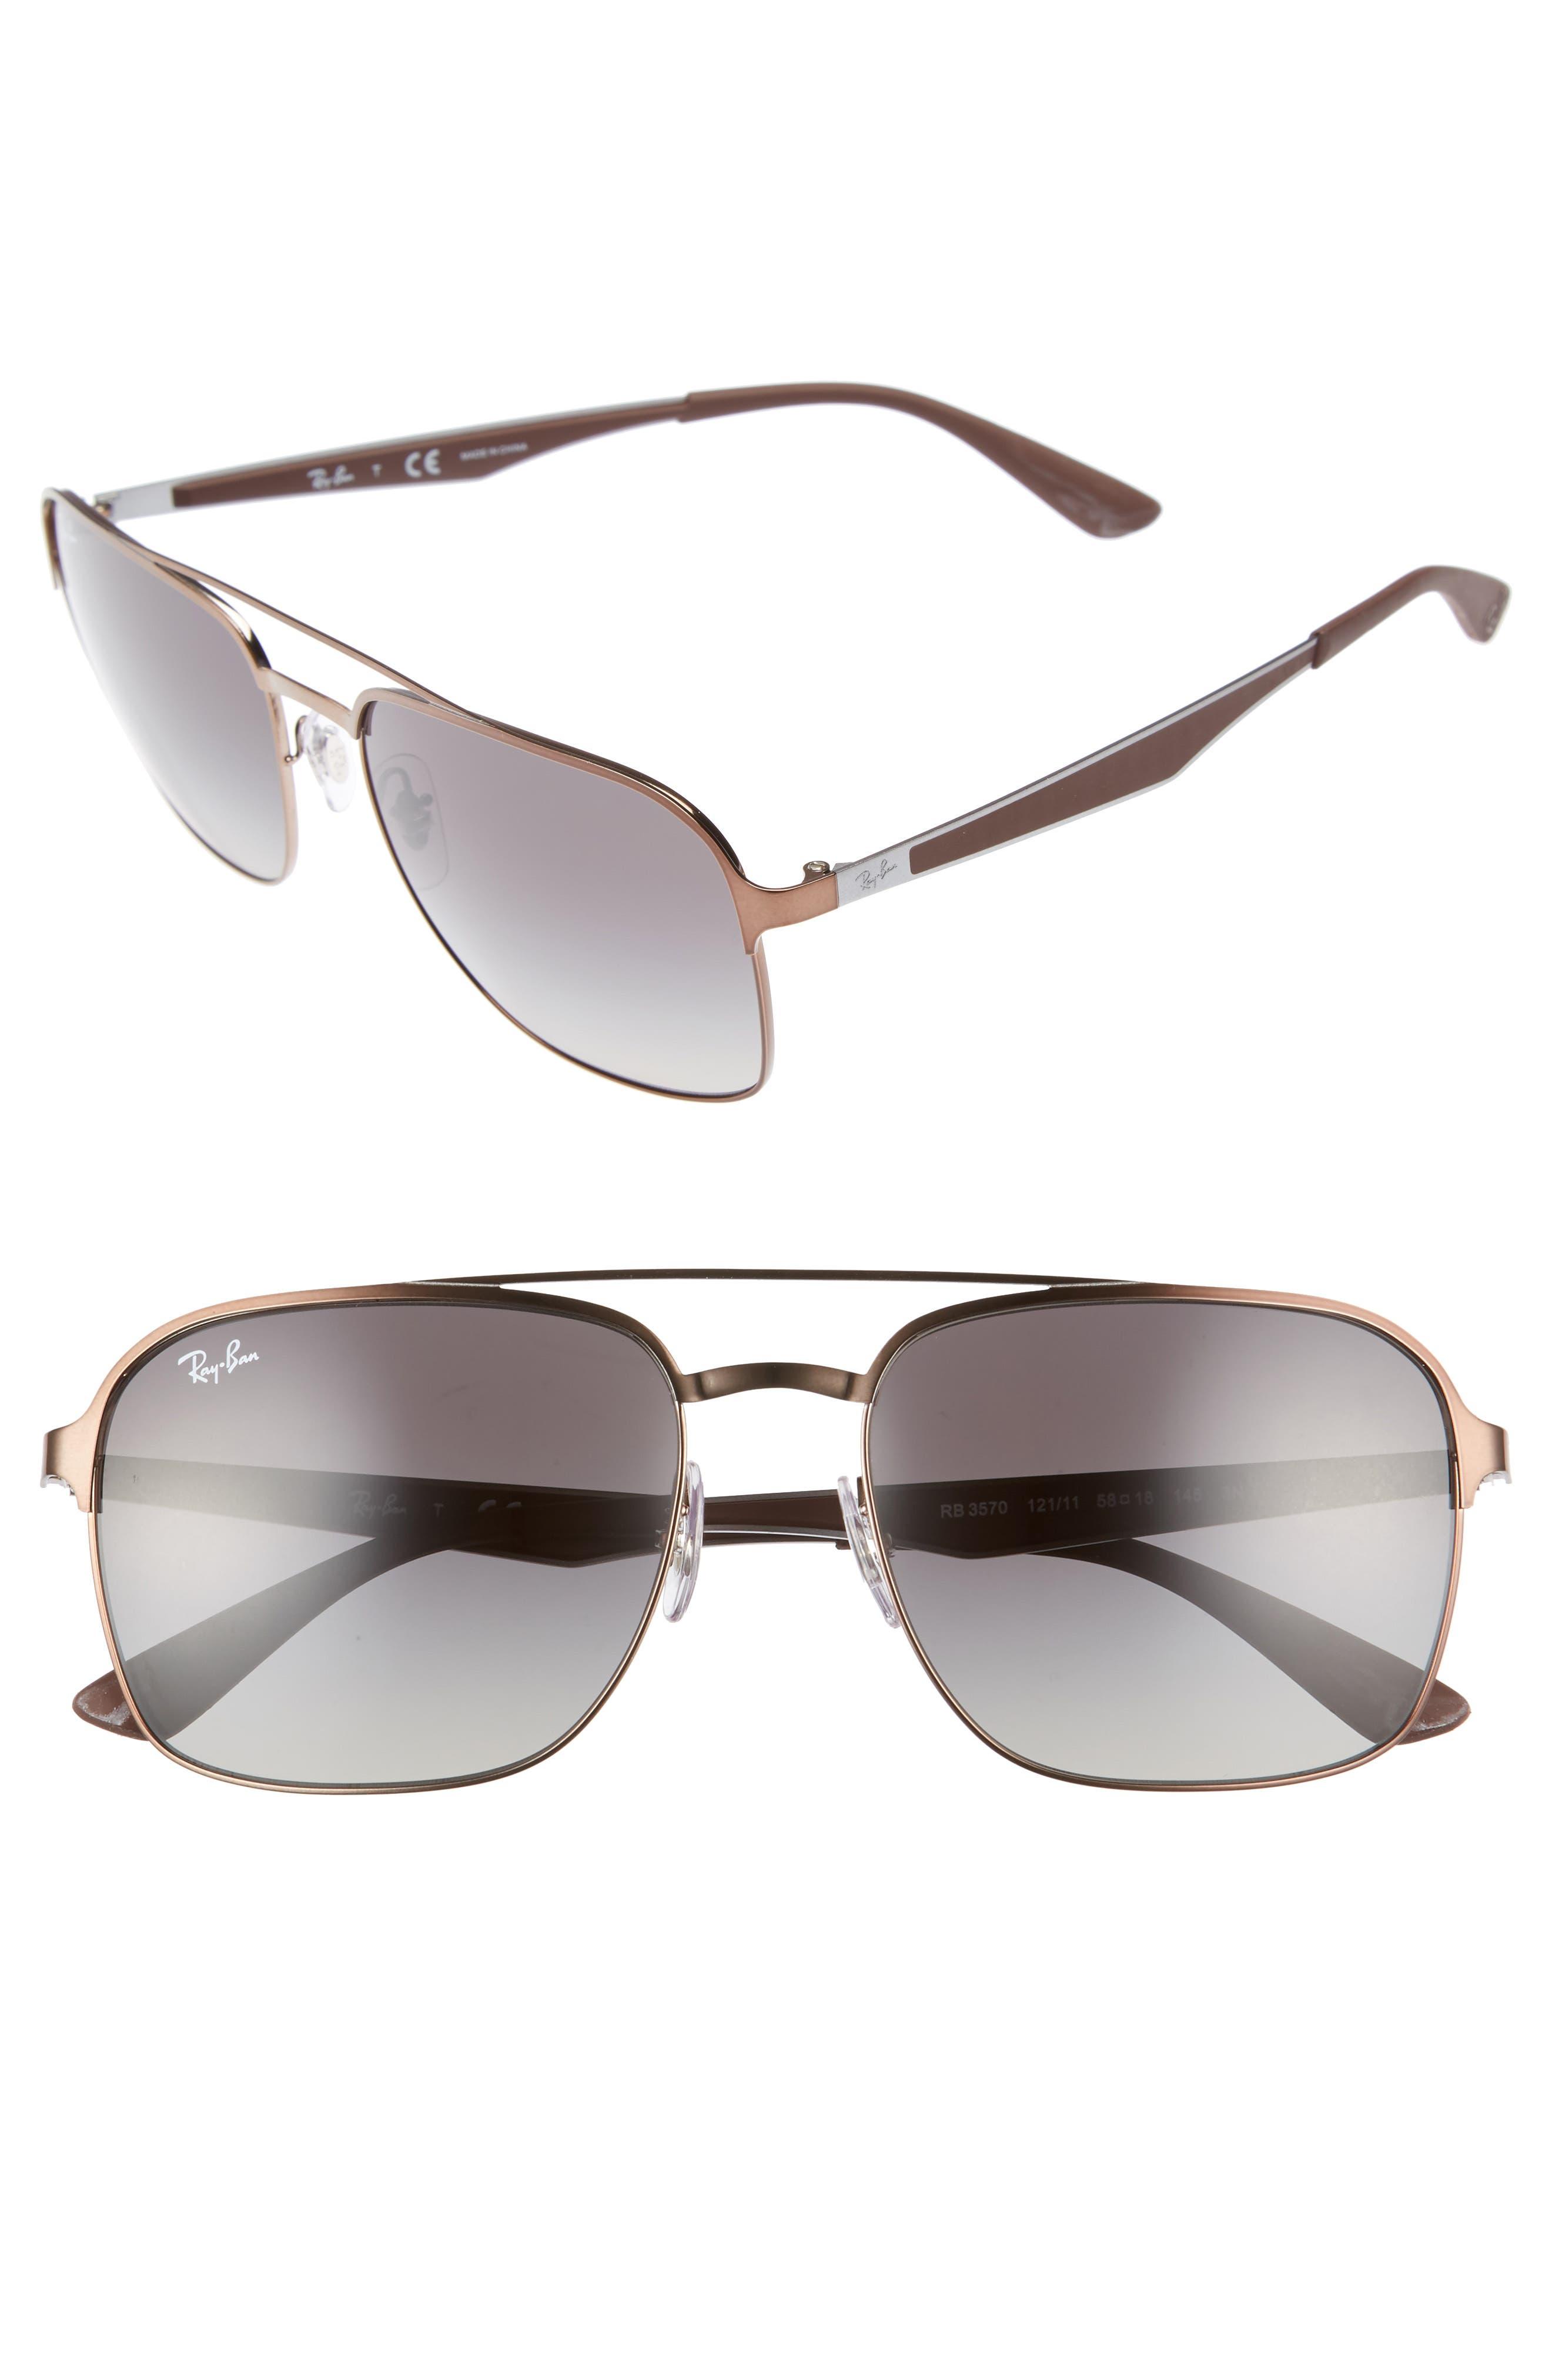 Retro 58mm Sunglasses,                         Main,                         color, Brown